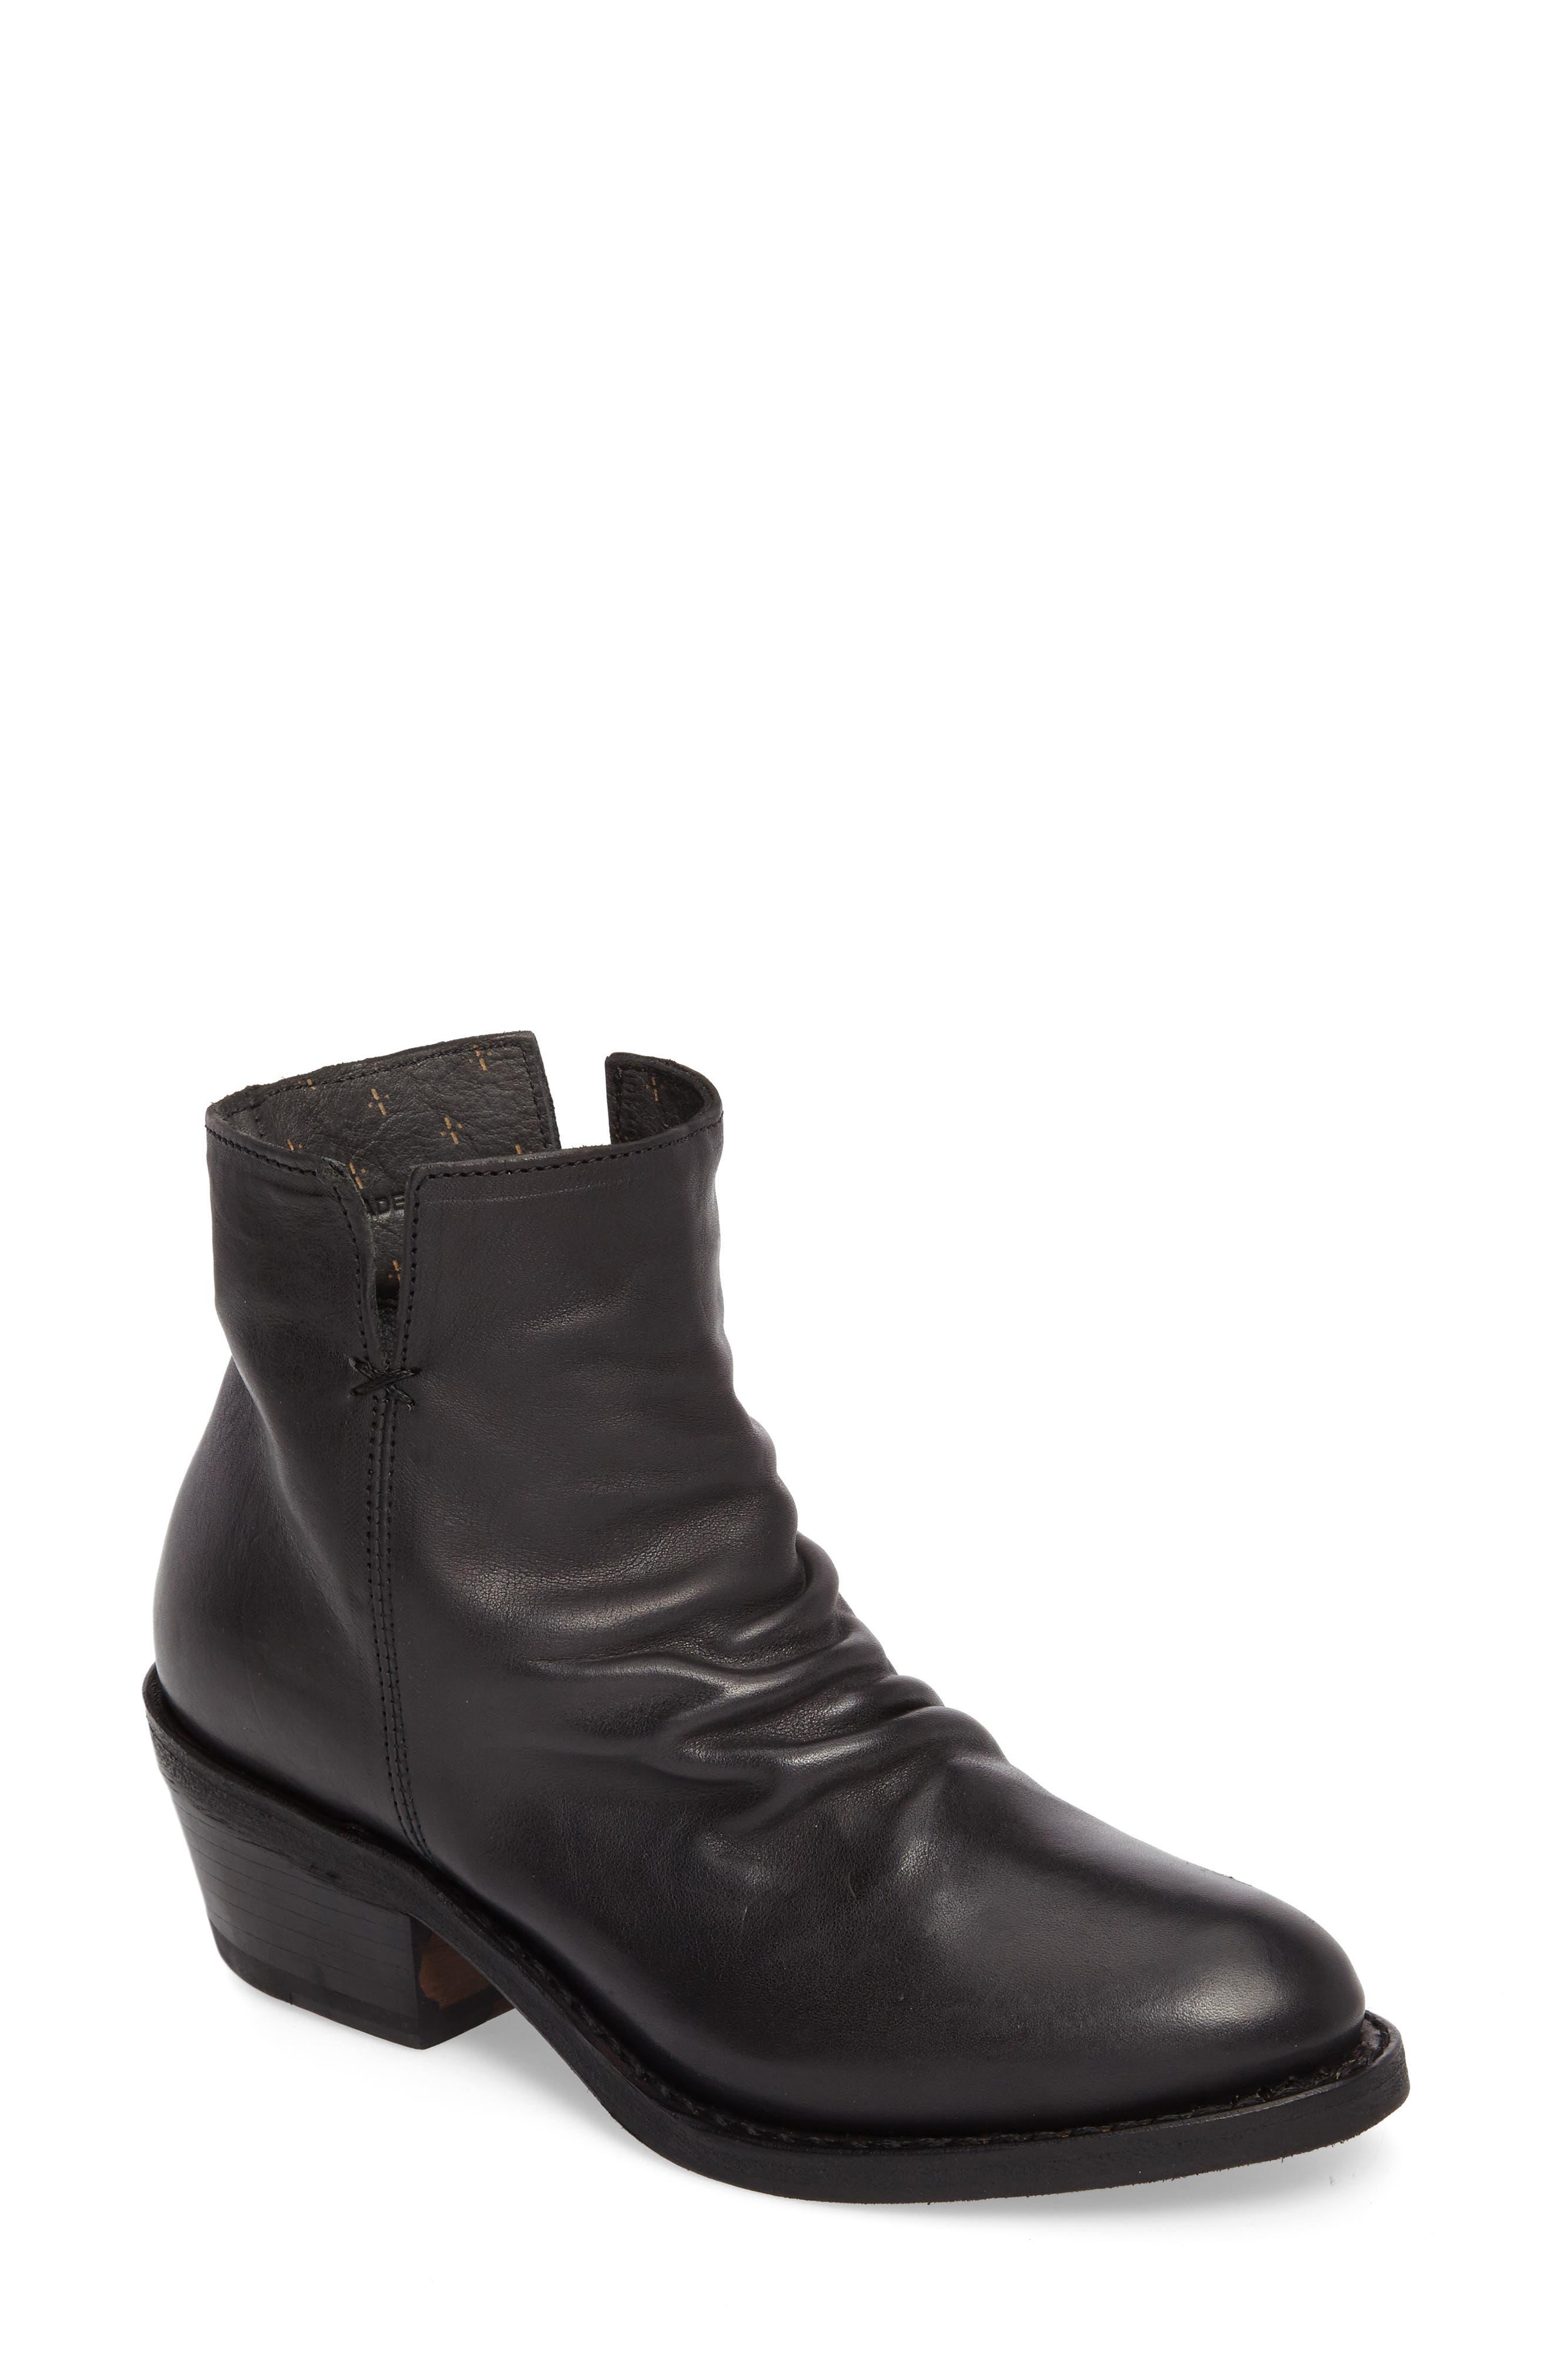 Alternate Image 1 Selected - Fiorentini & Baker Boot (Women)